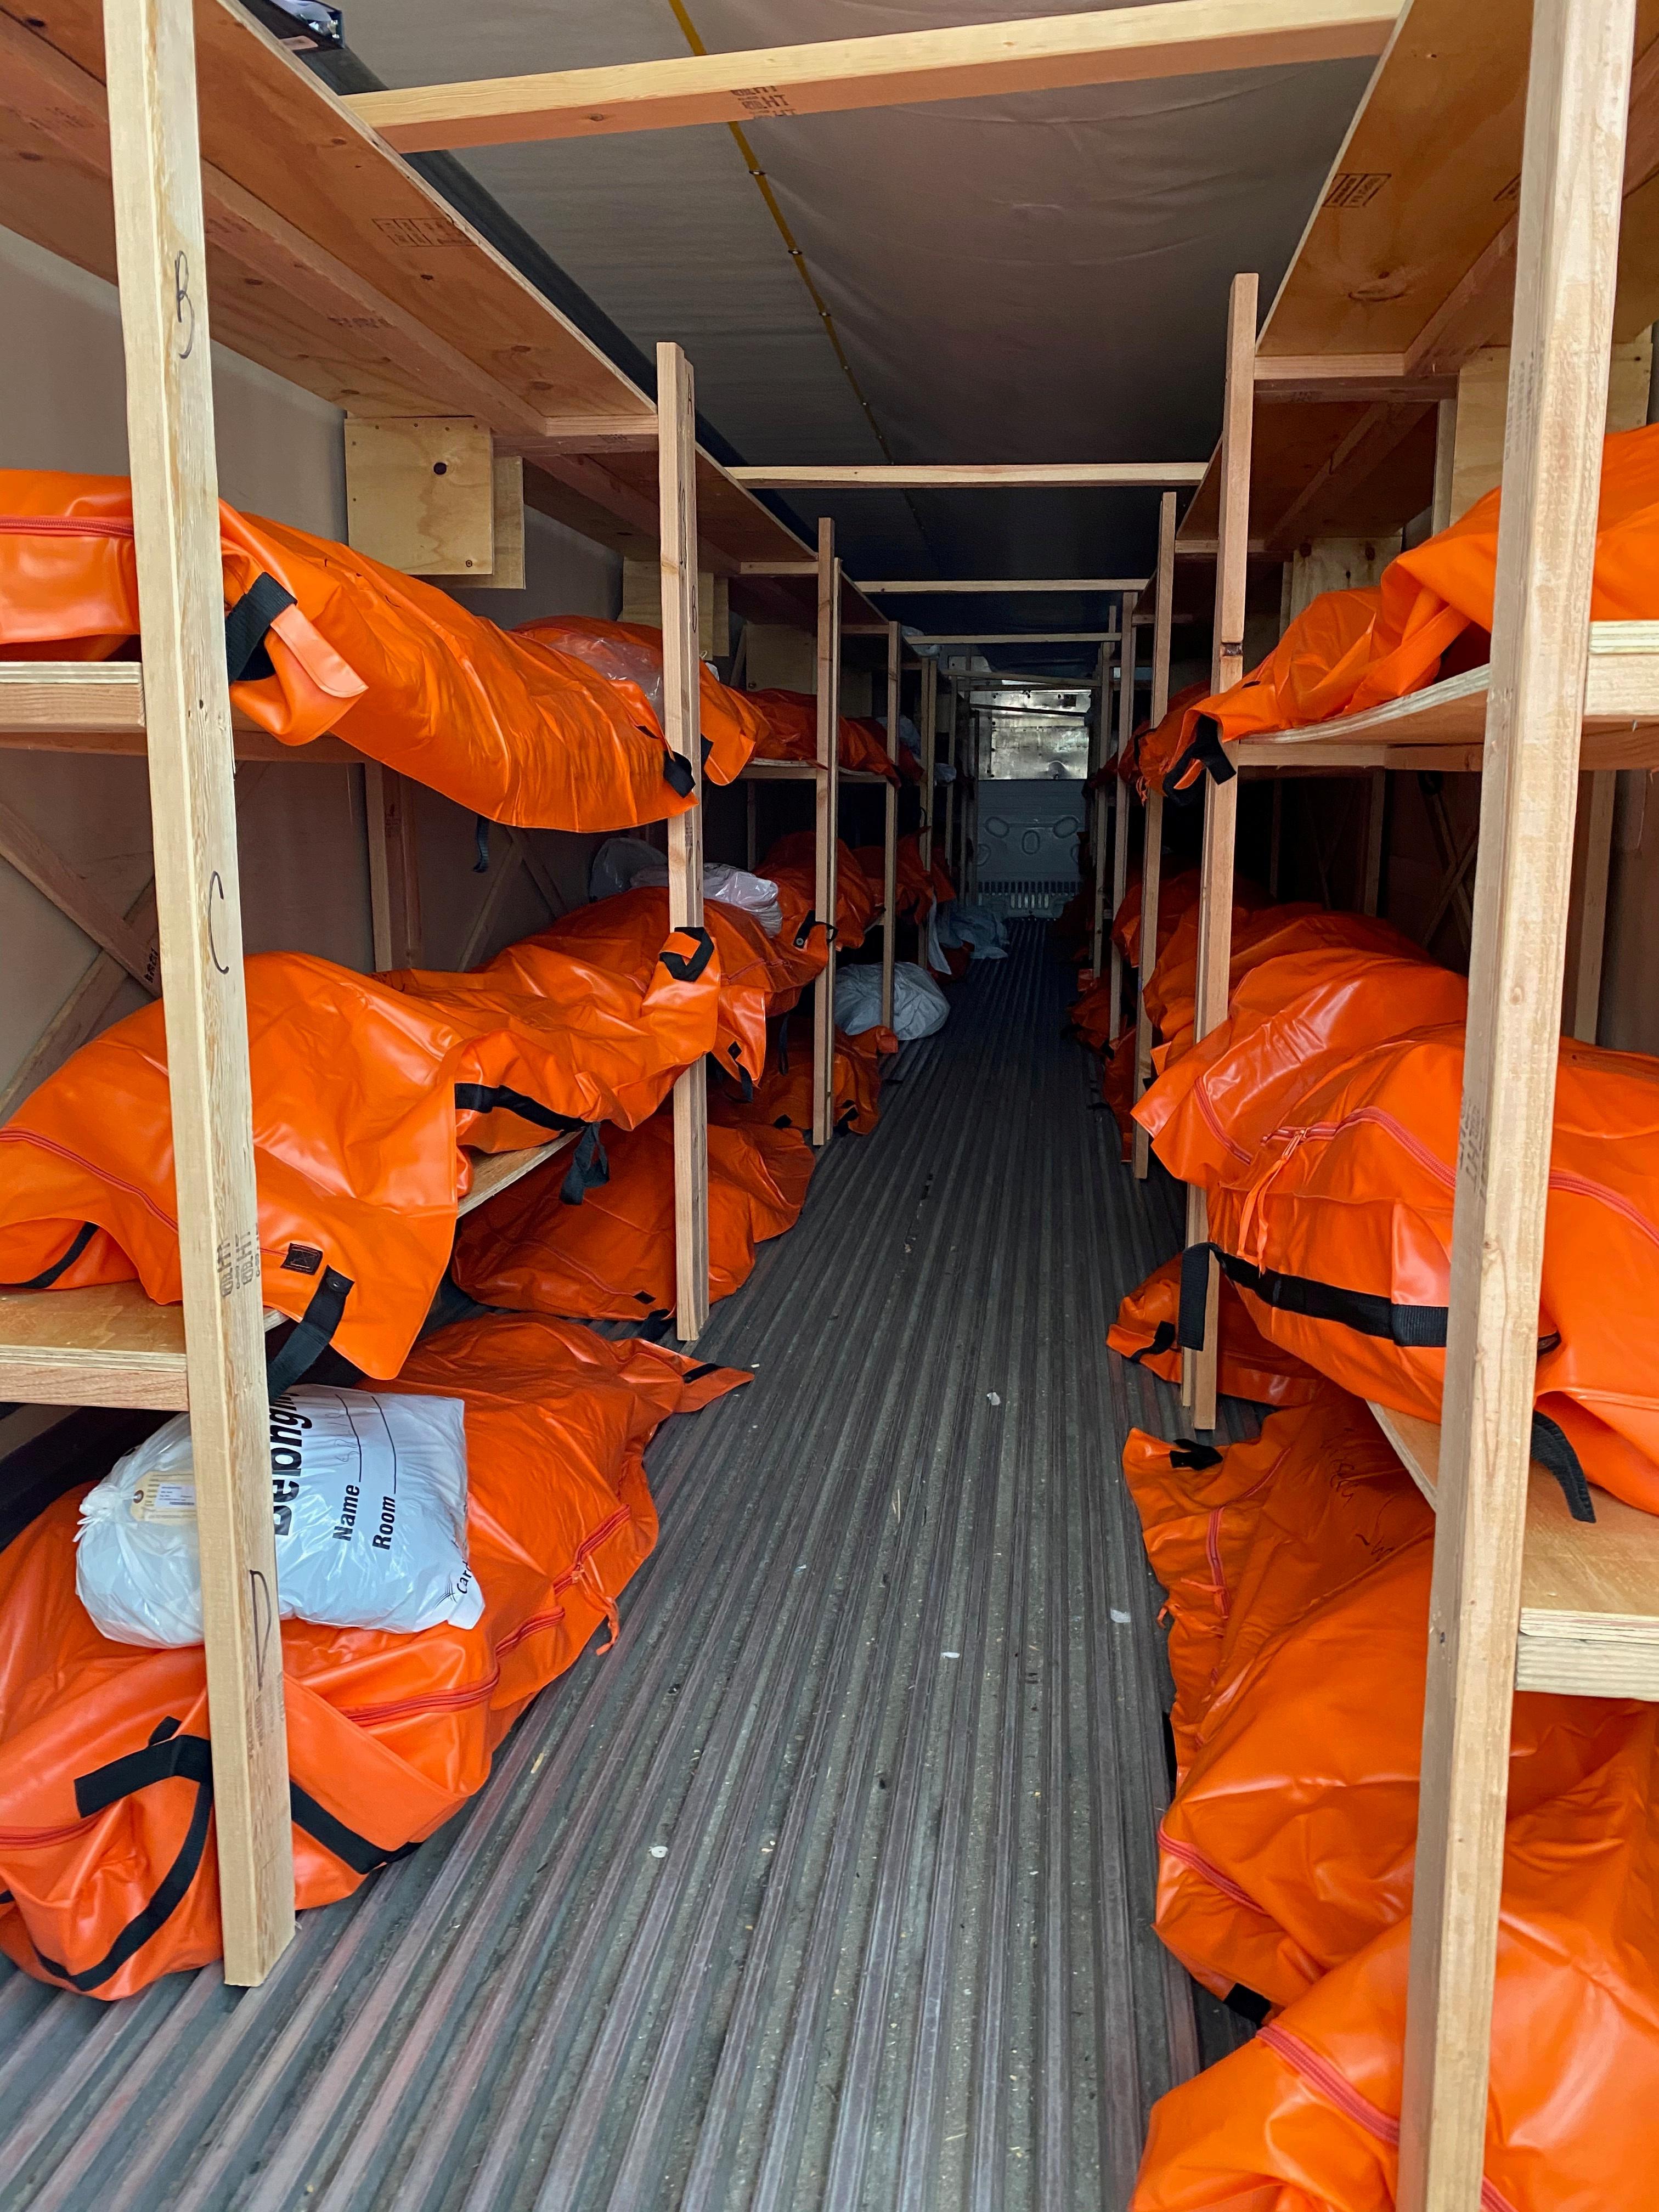 جثامين وفيات كورونا لحظة نقلهم داخل عربة تبريد